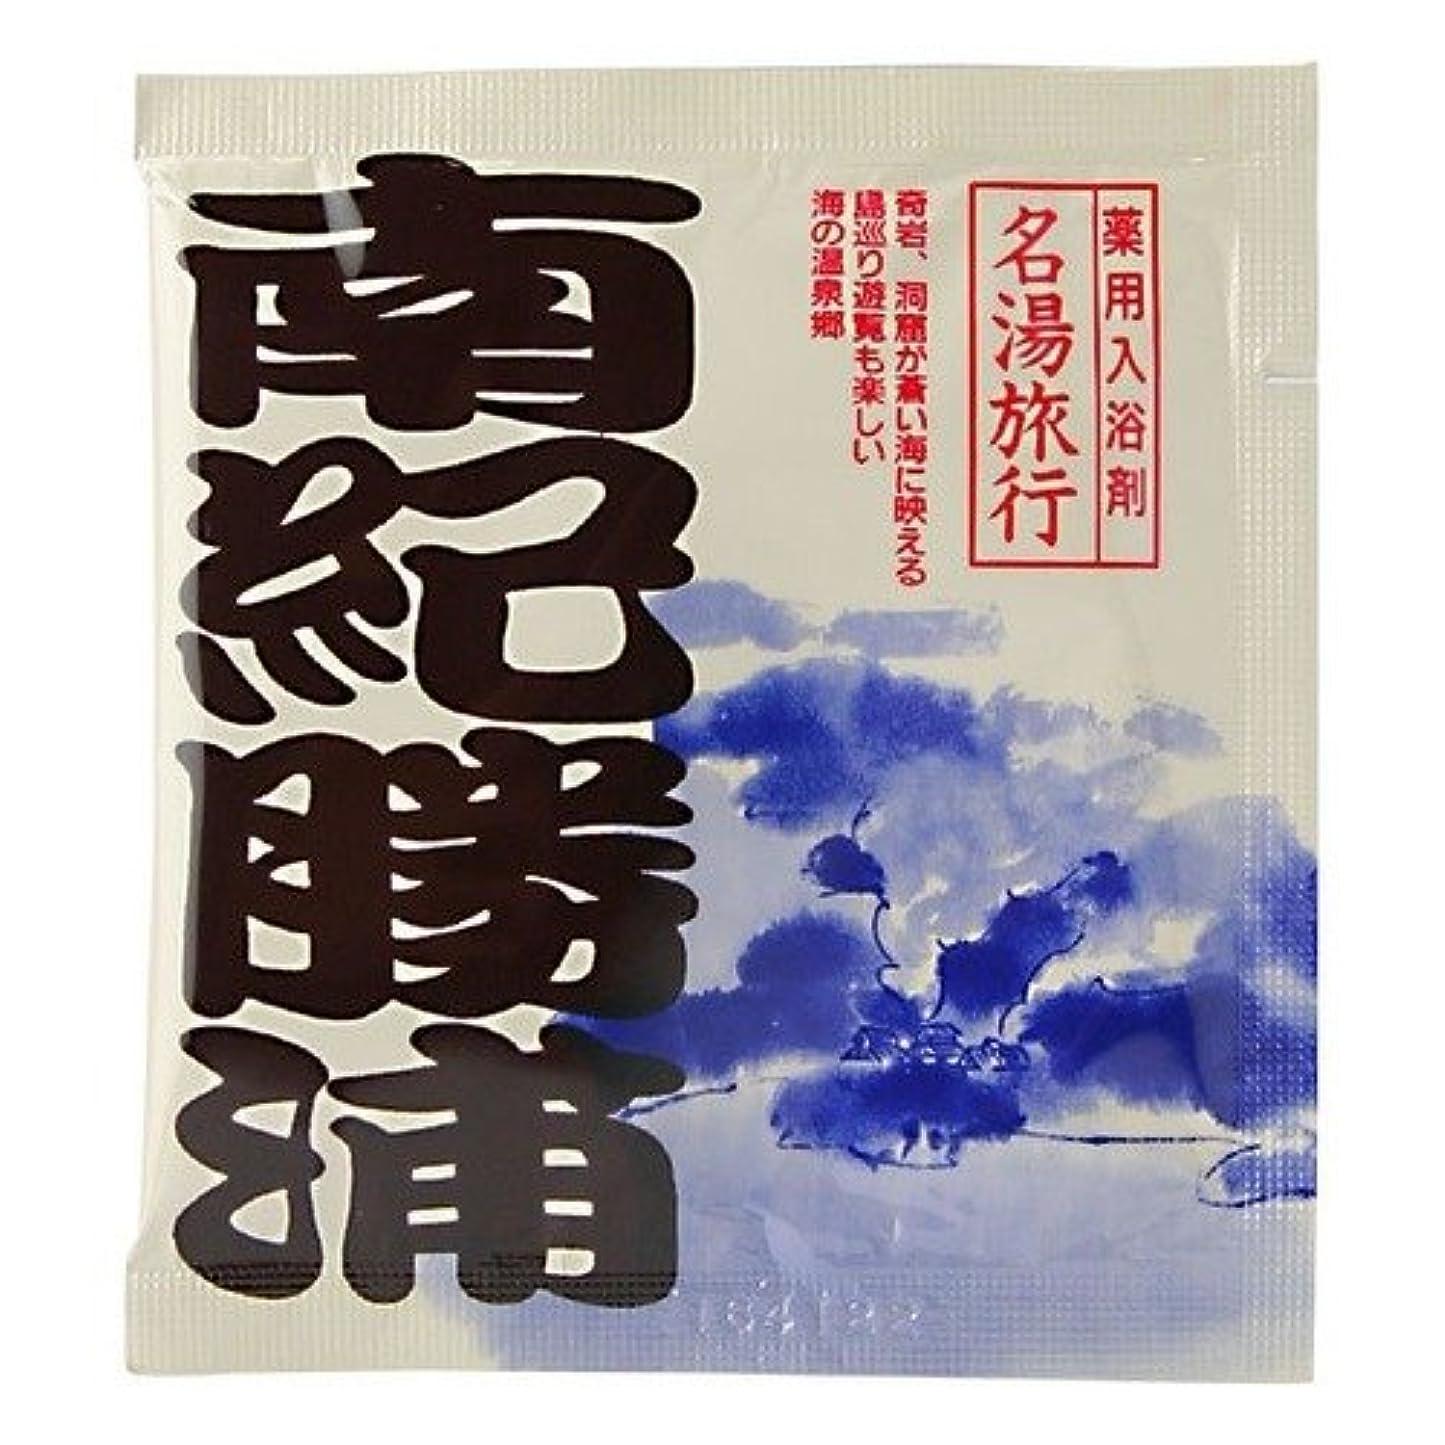 発疹満員格差五洲薬品 名湯旅行 南紀勝浦 25g 4987332126737